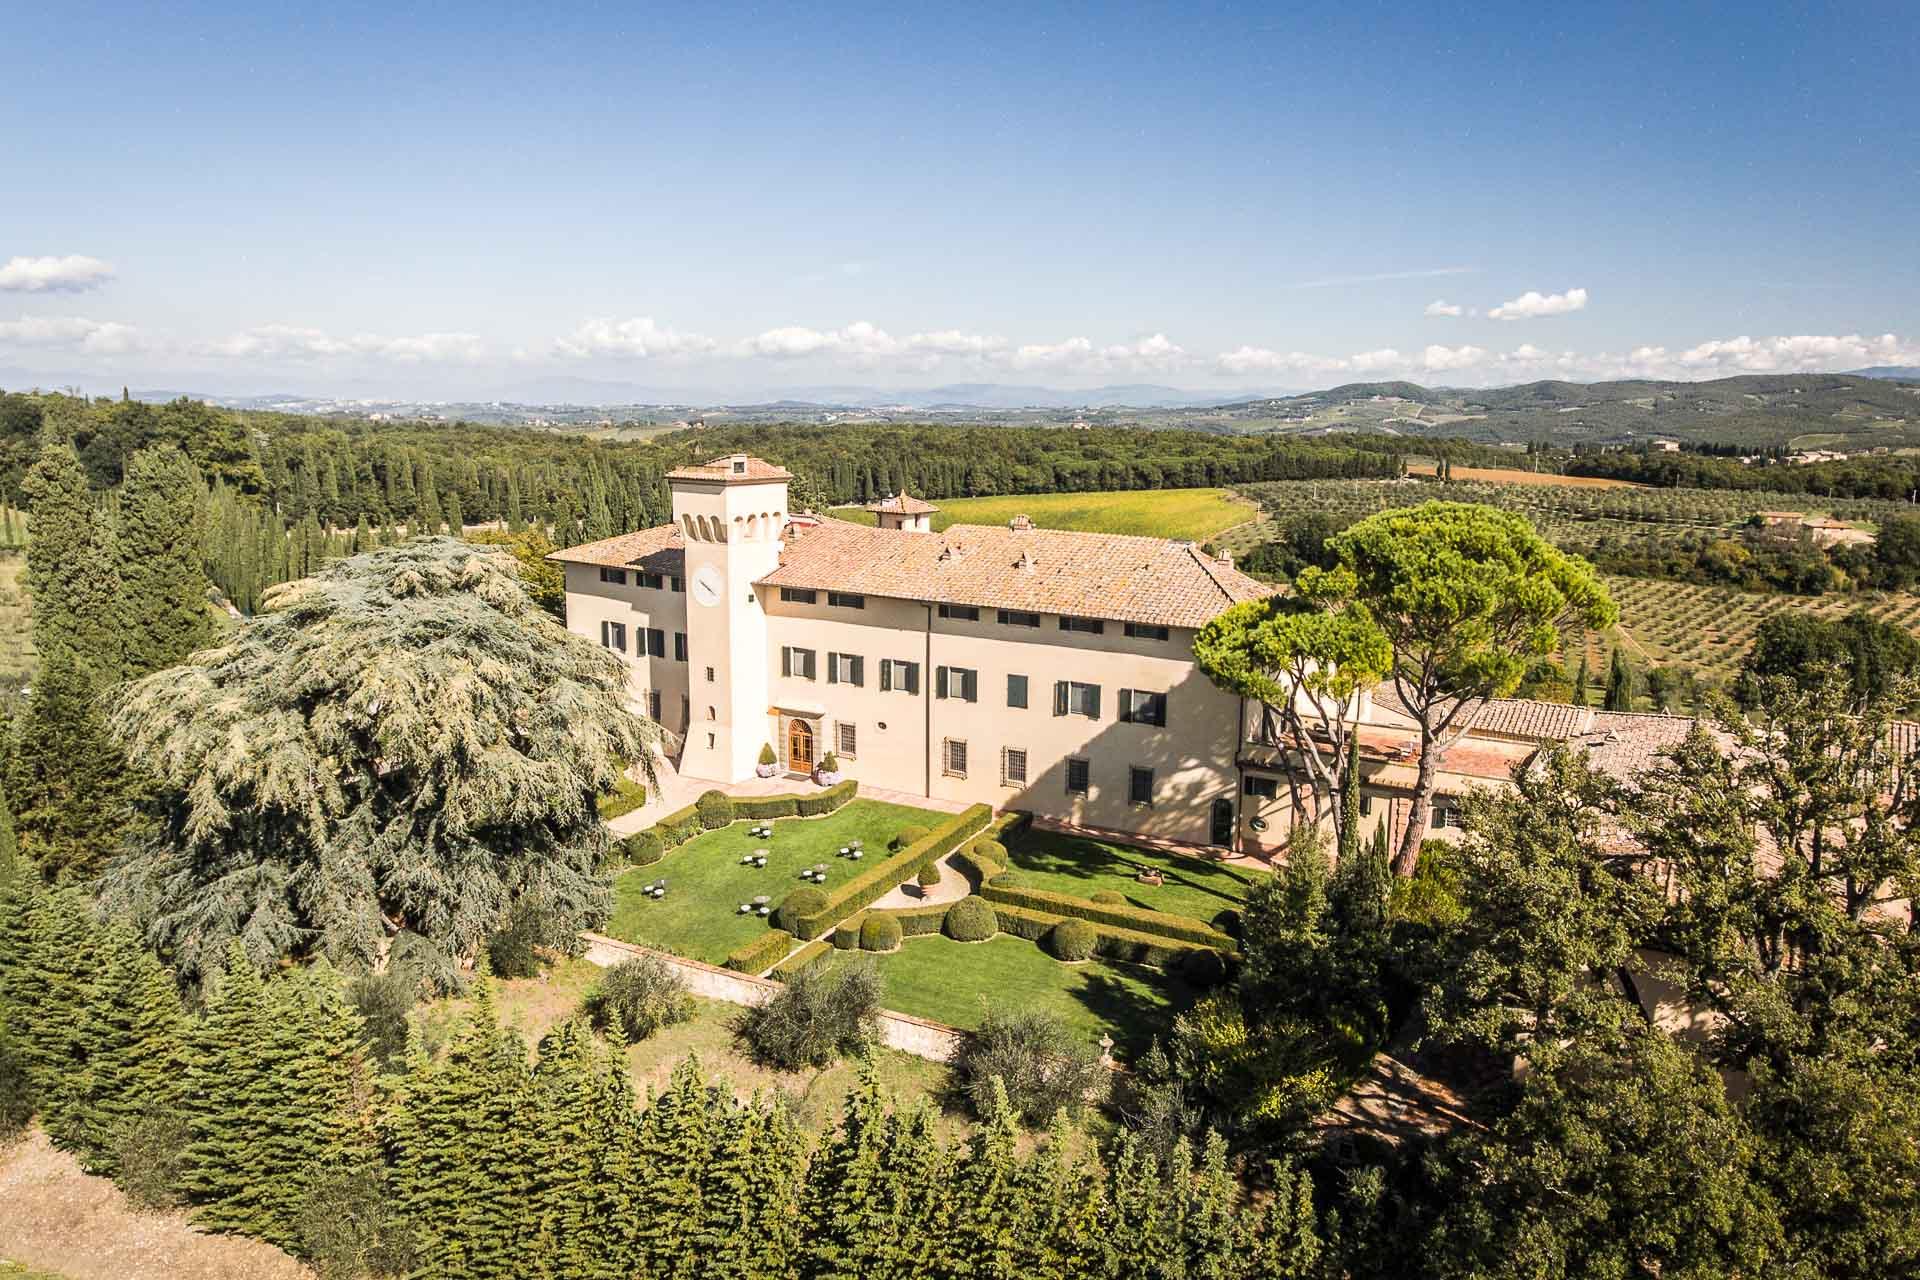 Pour ses premiers pas en Europe continentale, l'enseigne COMO Hotels & Resorts pose ses valises en Toscane. À la clé, un luxueux hôtel de 50 chambres et suites au sein d'un immense domaine de 740 hectares dans le Chianti. Les nouveaux intérieurs signés sont de la célèbre architecte et designer italienne Paola Navone.